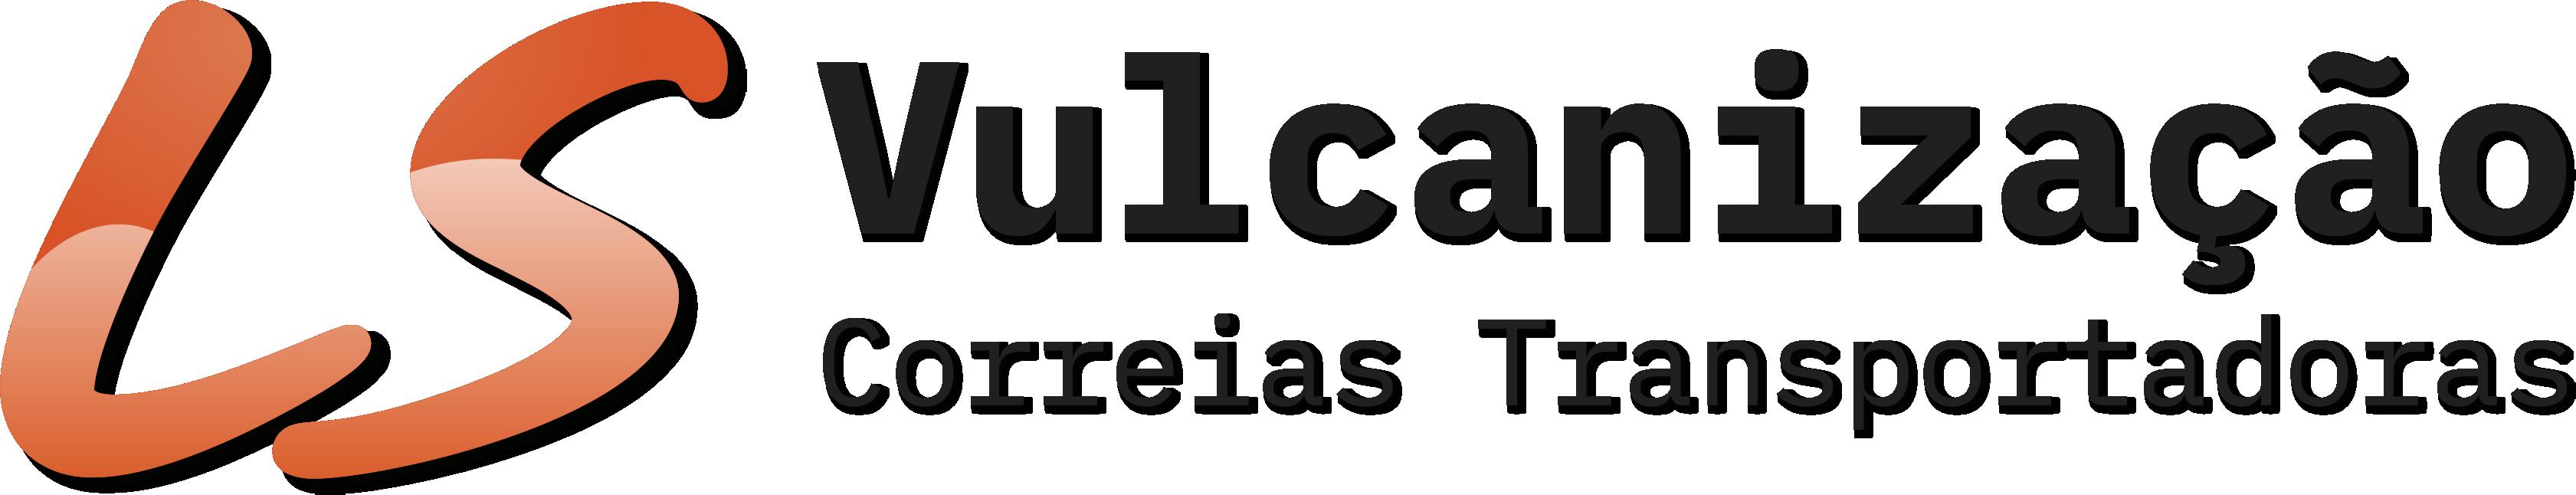 LSVulcanização por TiWebDesign